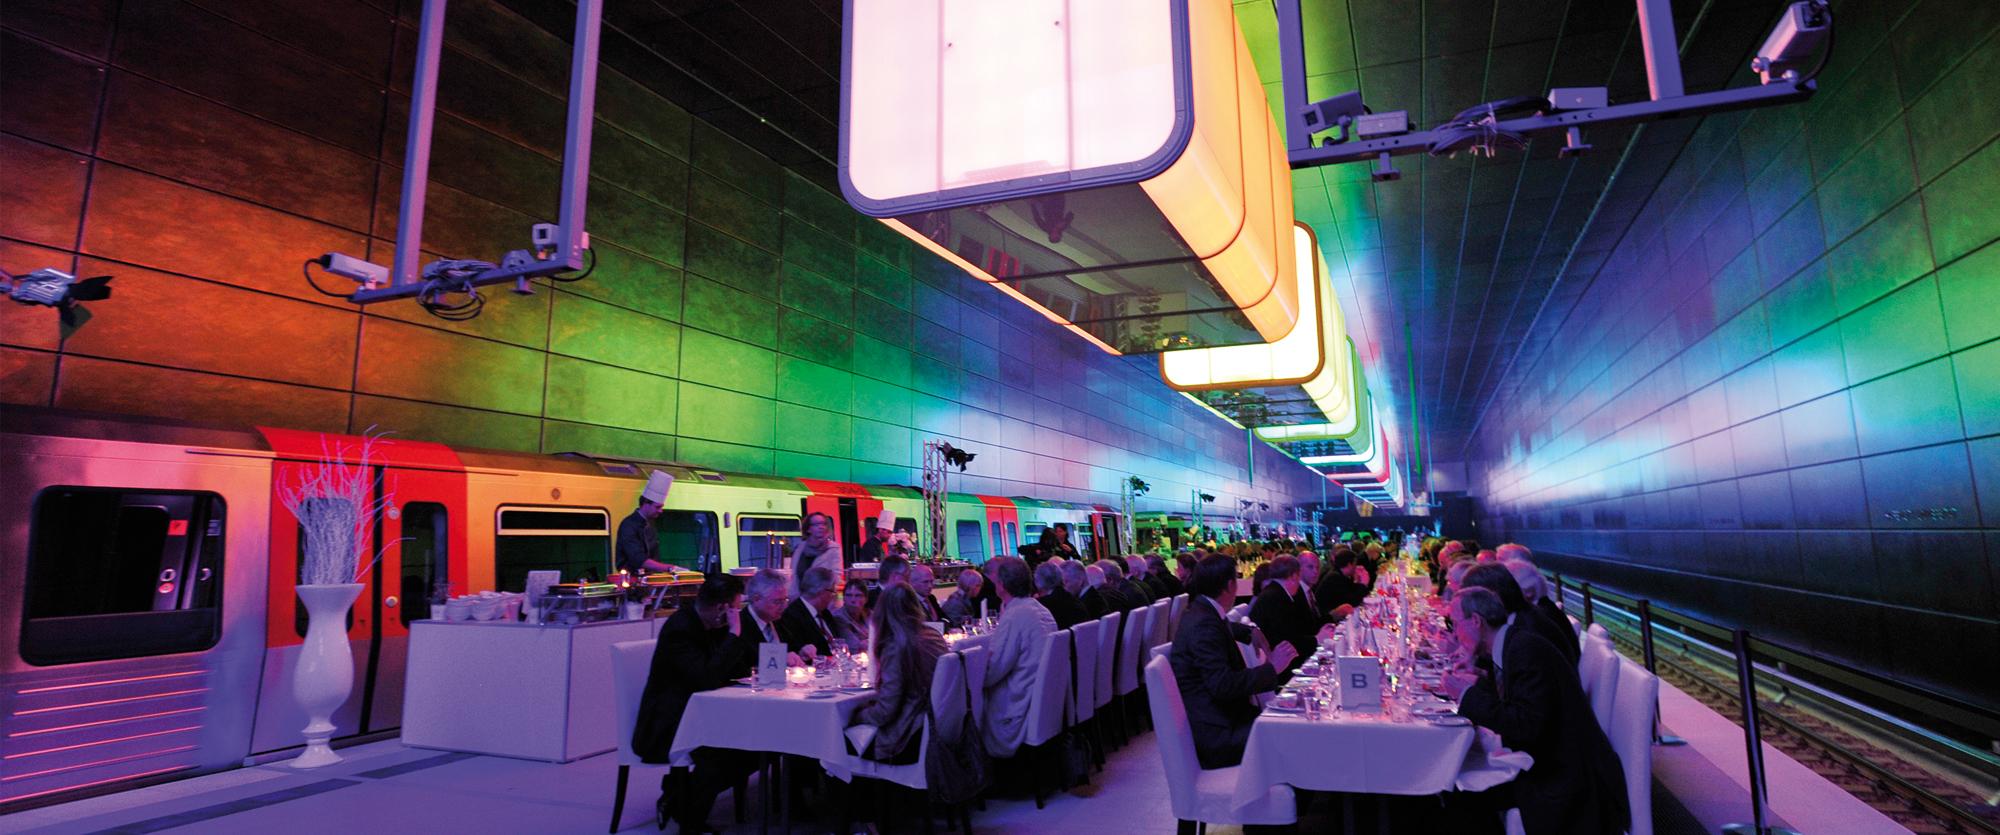 Eventagentur in Hamburg Blankenese - erfolgreich feiern! GmbH